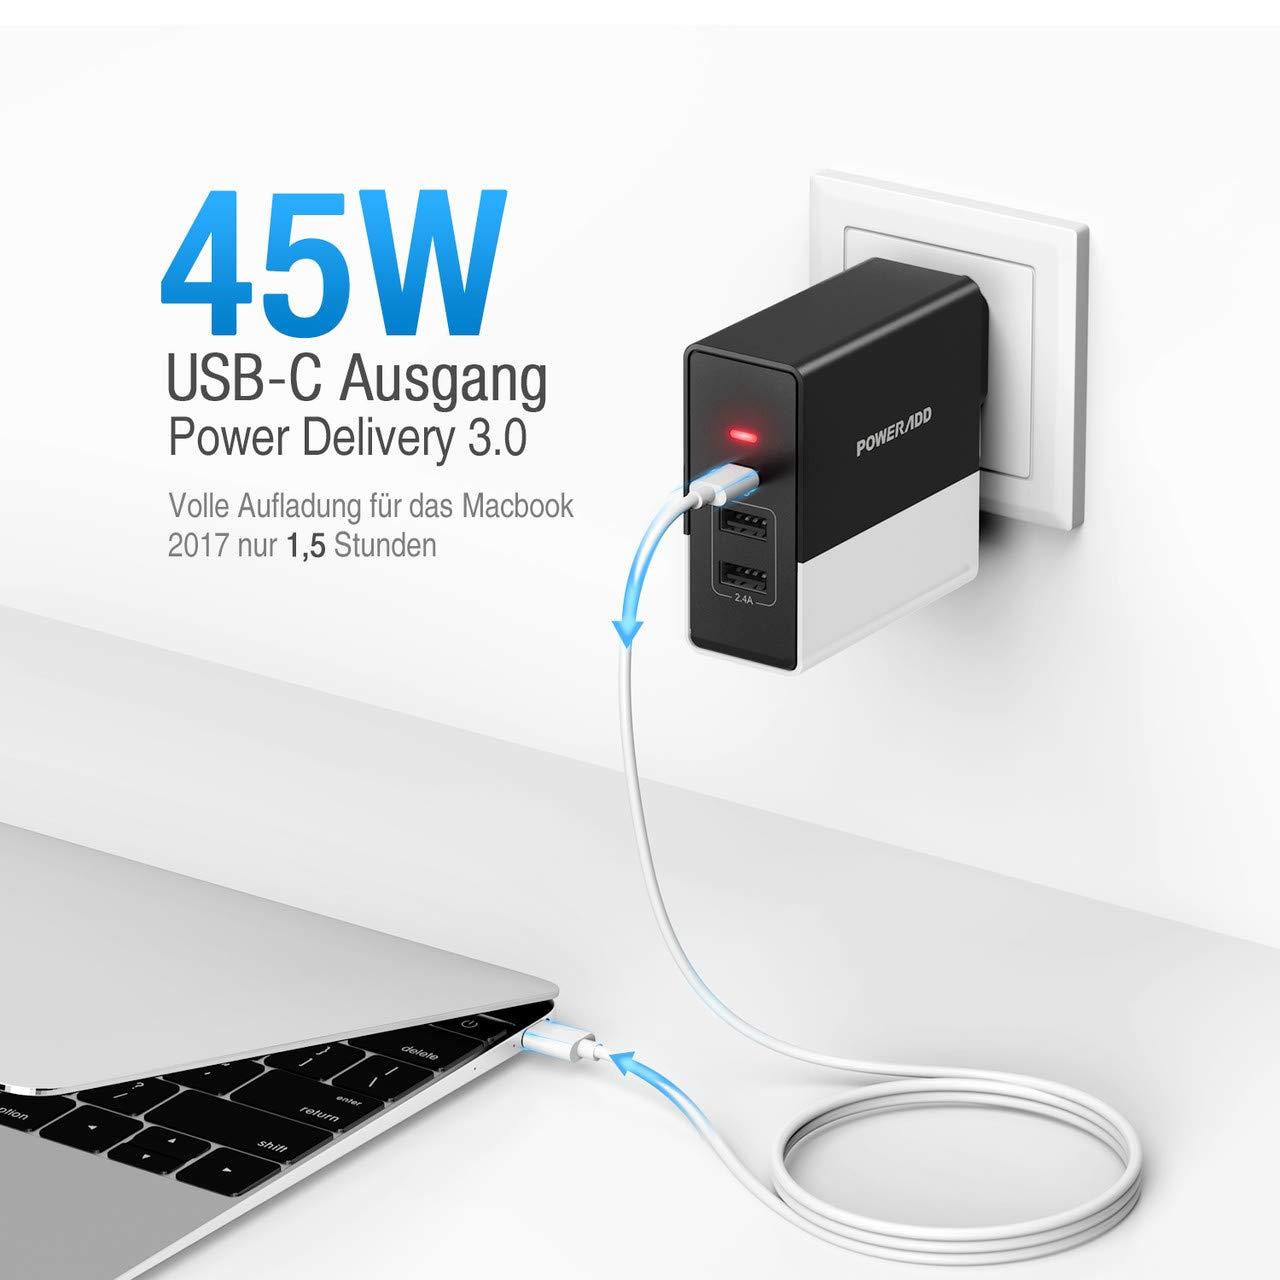 PPWERADD 57W USBC Ladegerät mit 2 Port USB und PD Wand Ladegerät für XS/XS Max/XR/X/8/8 Plus, Samsung Galaxy, Huawei, Xiaomi